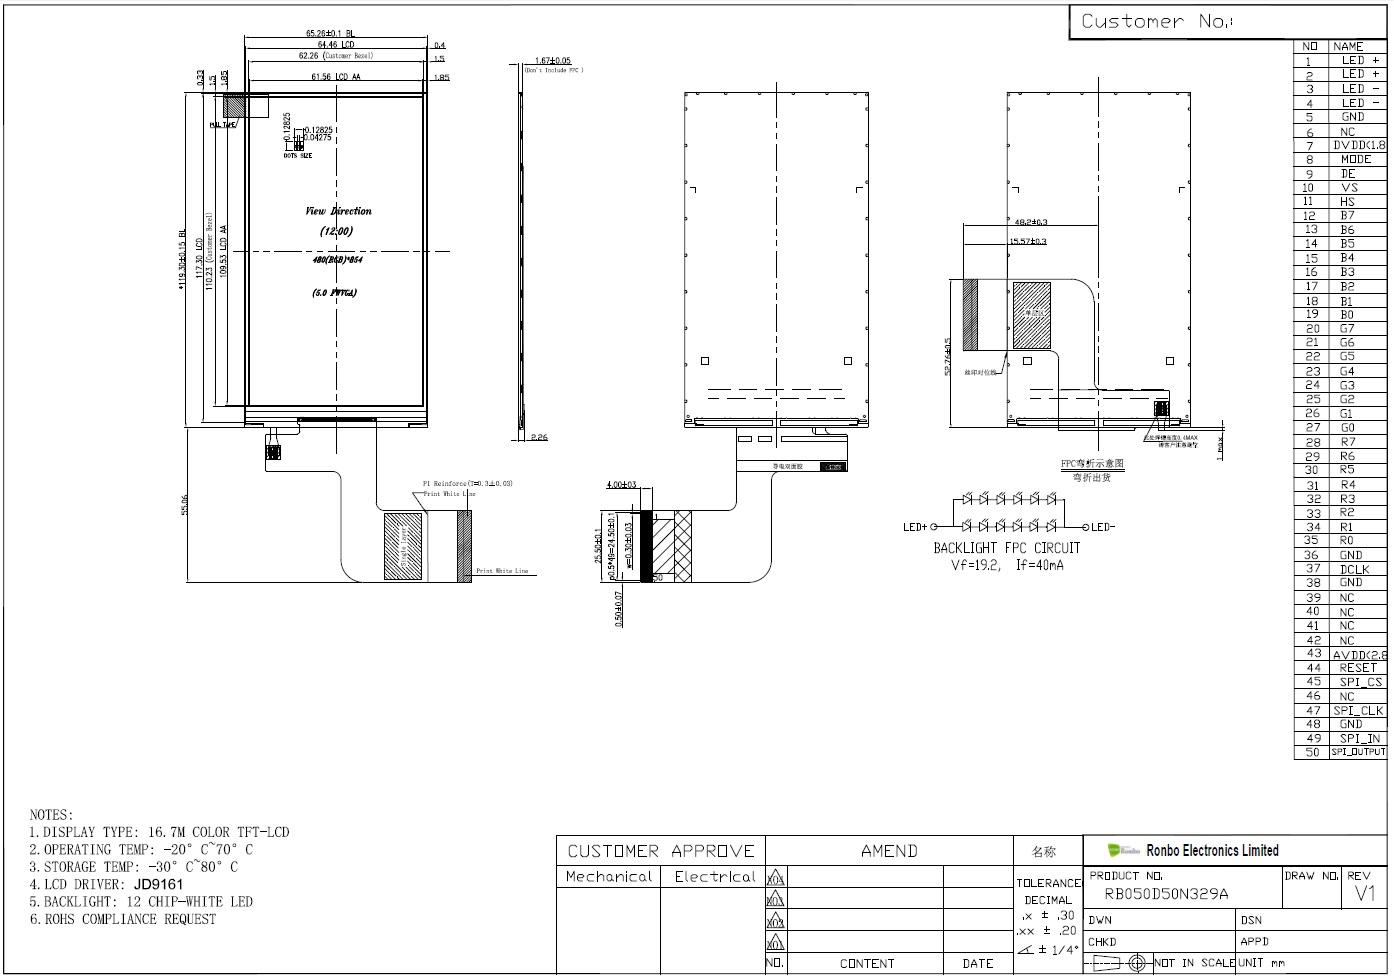 RB050D50N329A_Drawing.jpg